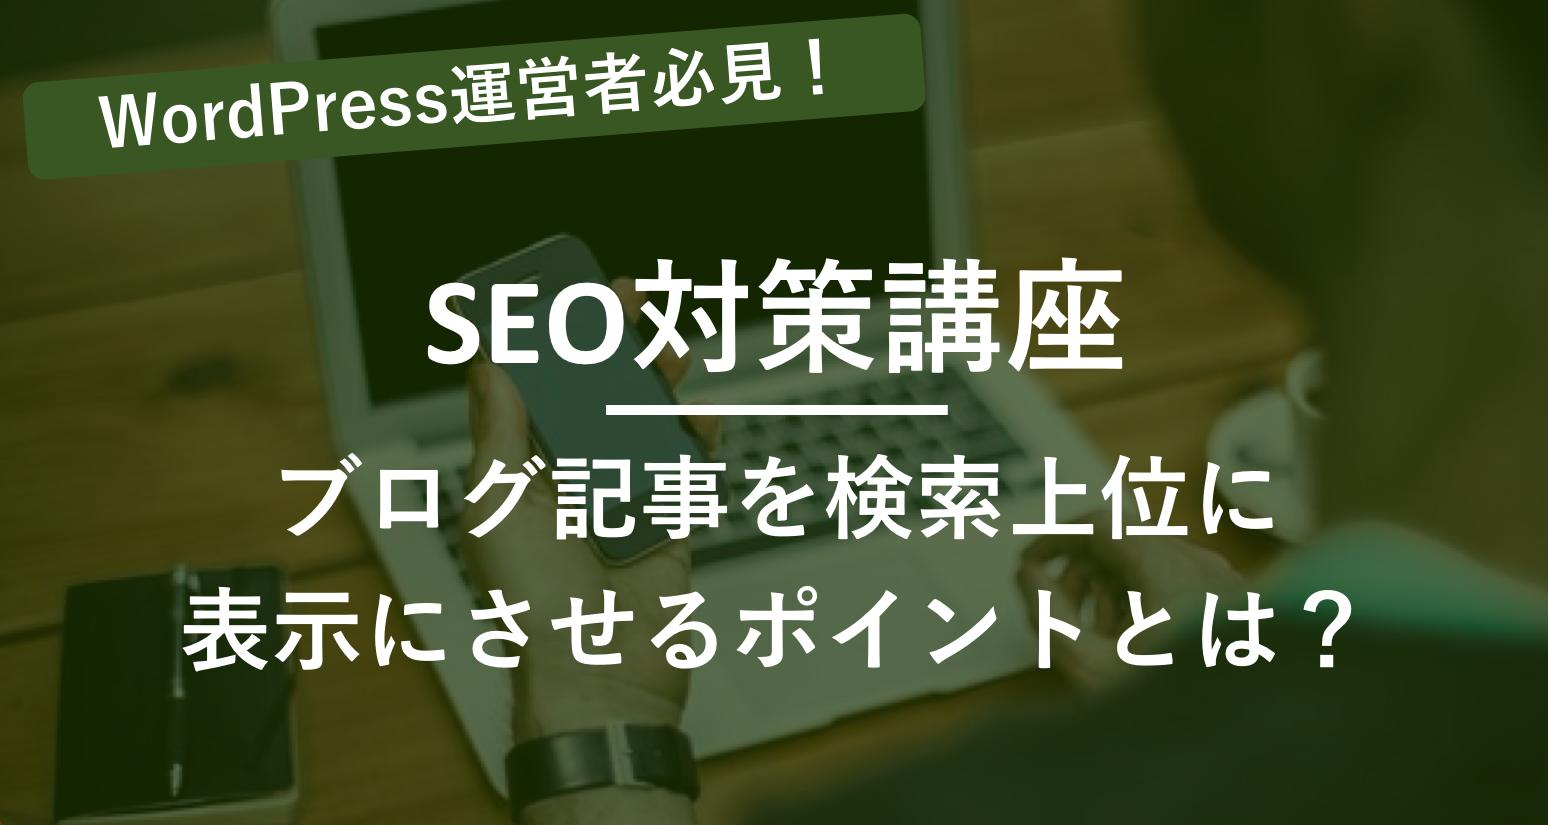 【第11回勉強会】7/1(日)WordPressでSEO対策講座!ブログ記事を検索上位に表示にさせるポイントとは?